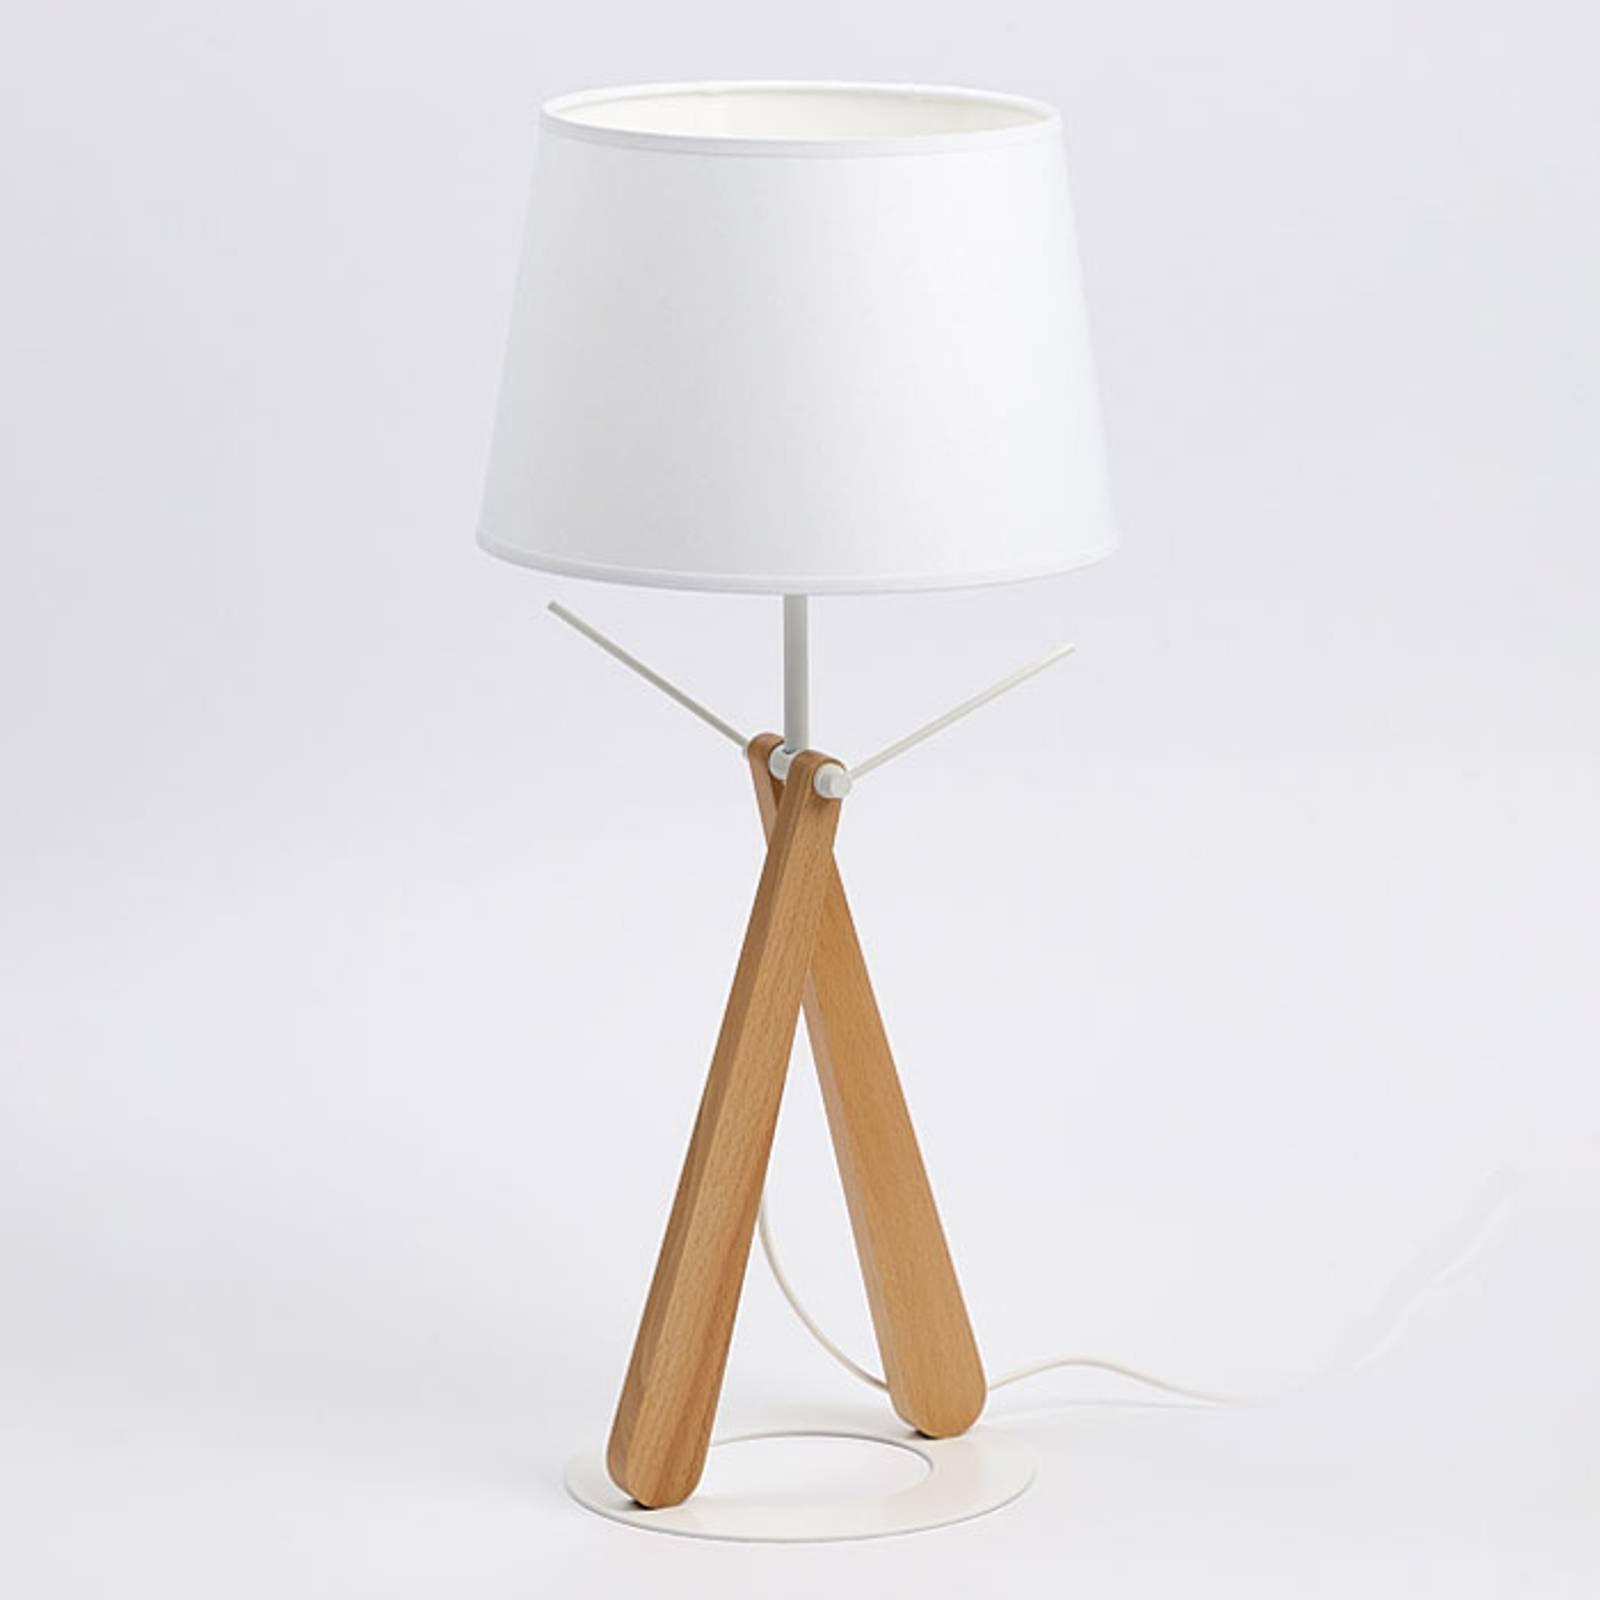 Zazou LT bordlampe hvit/lyst tre